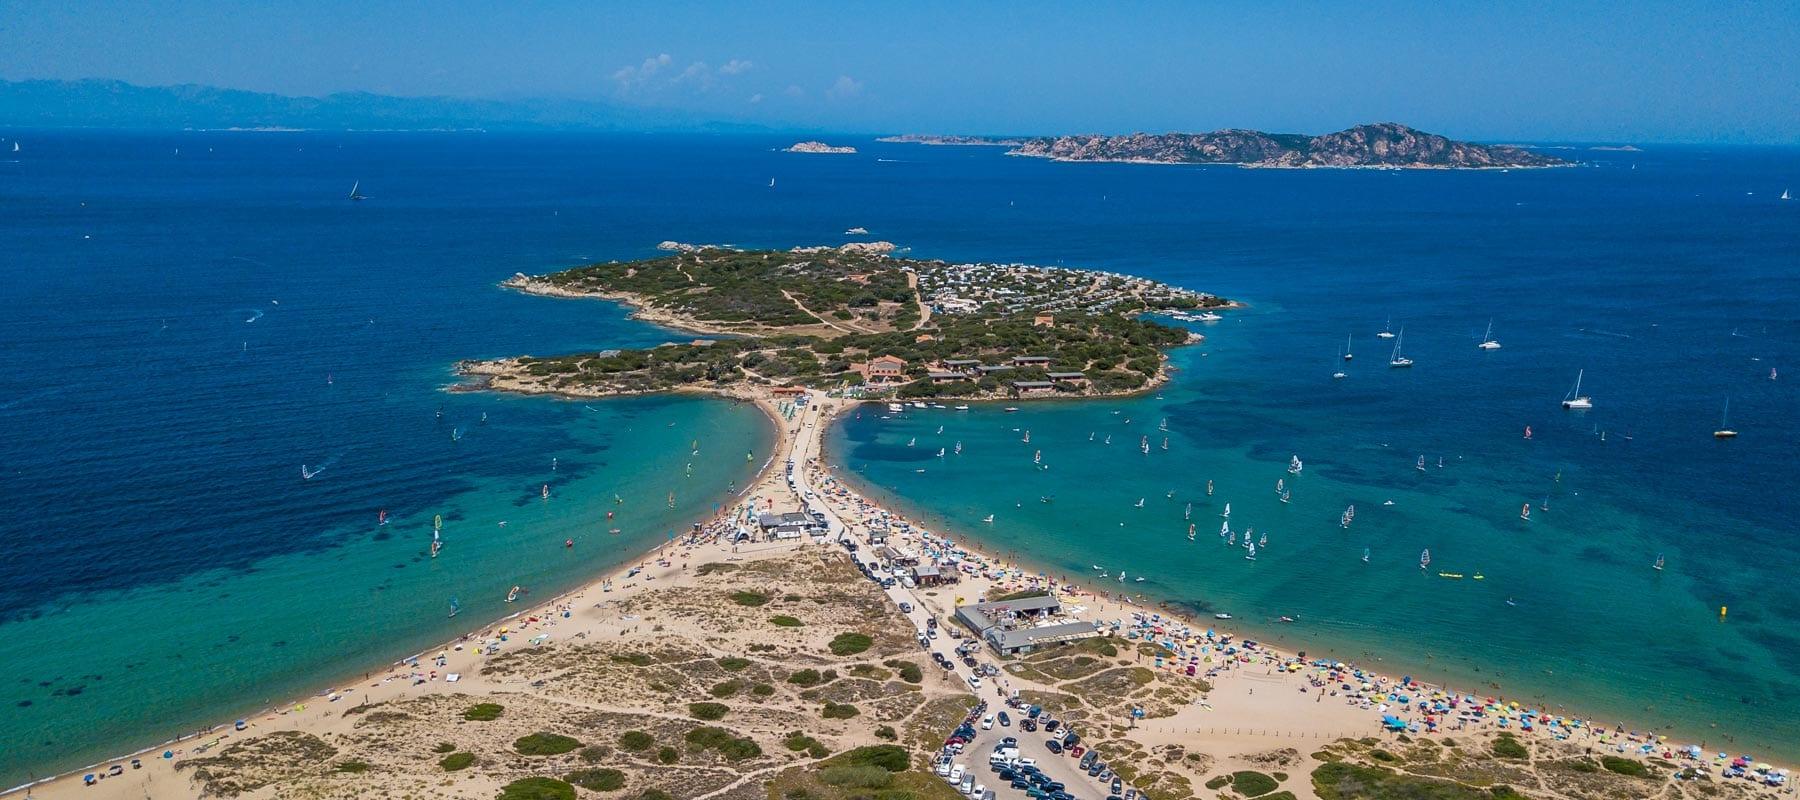 Sardinien Kitesurfen - Kitereisen auf die Trauminsel Europas